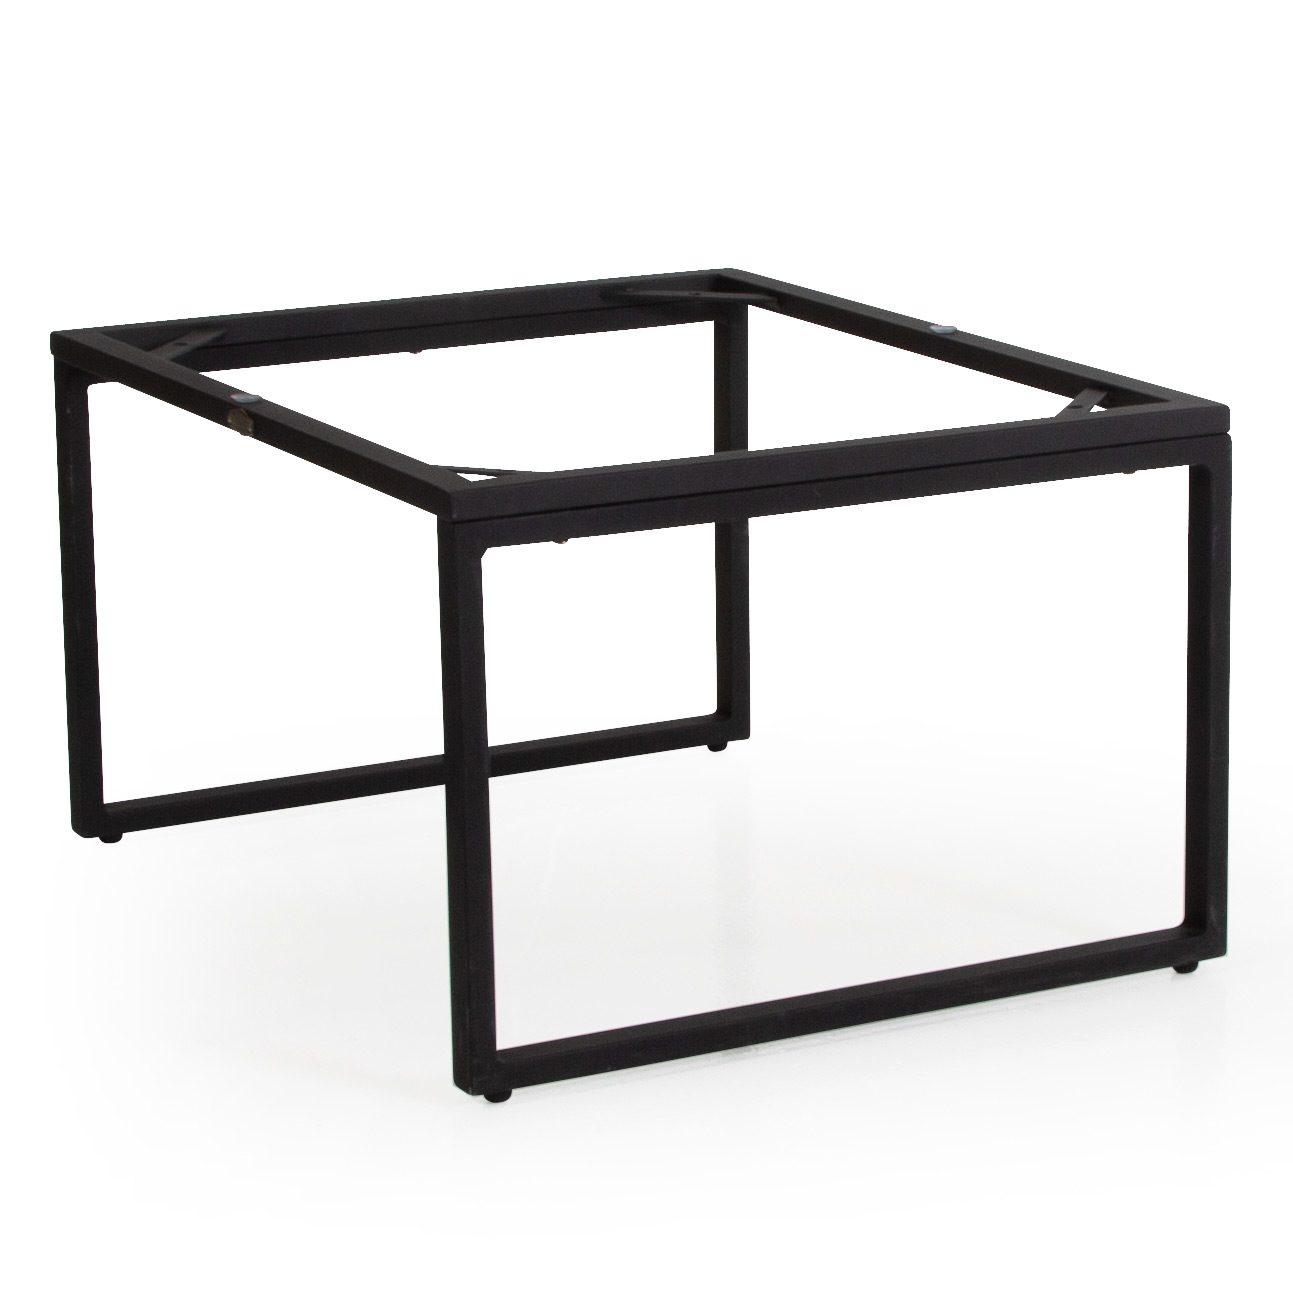 Talance litet bordsstativ i svart från Brafab.